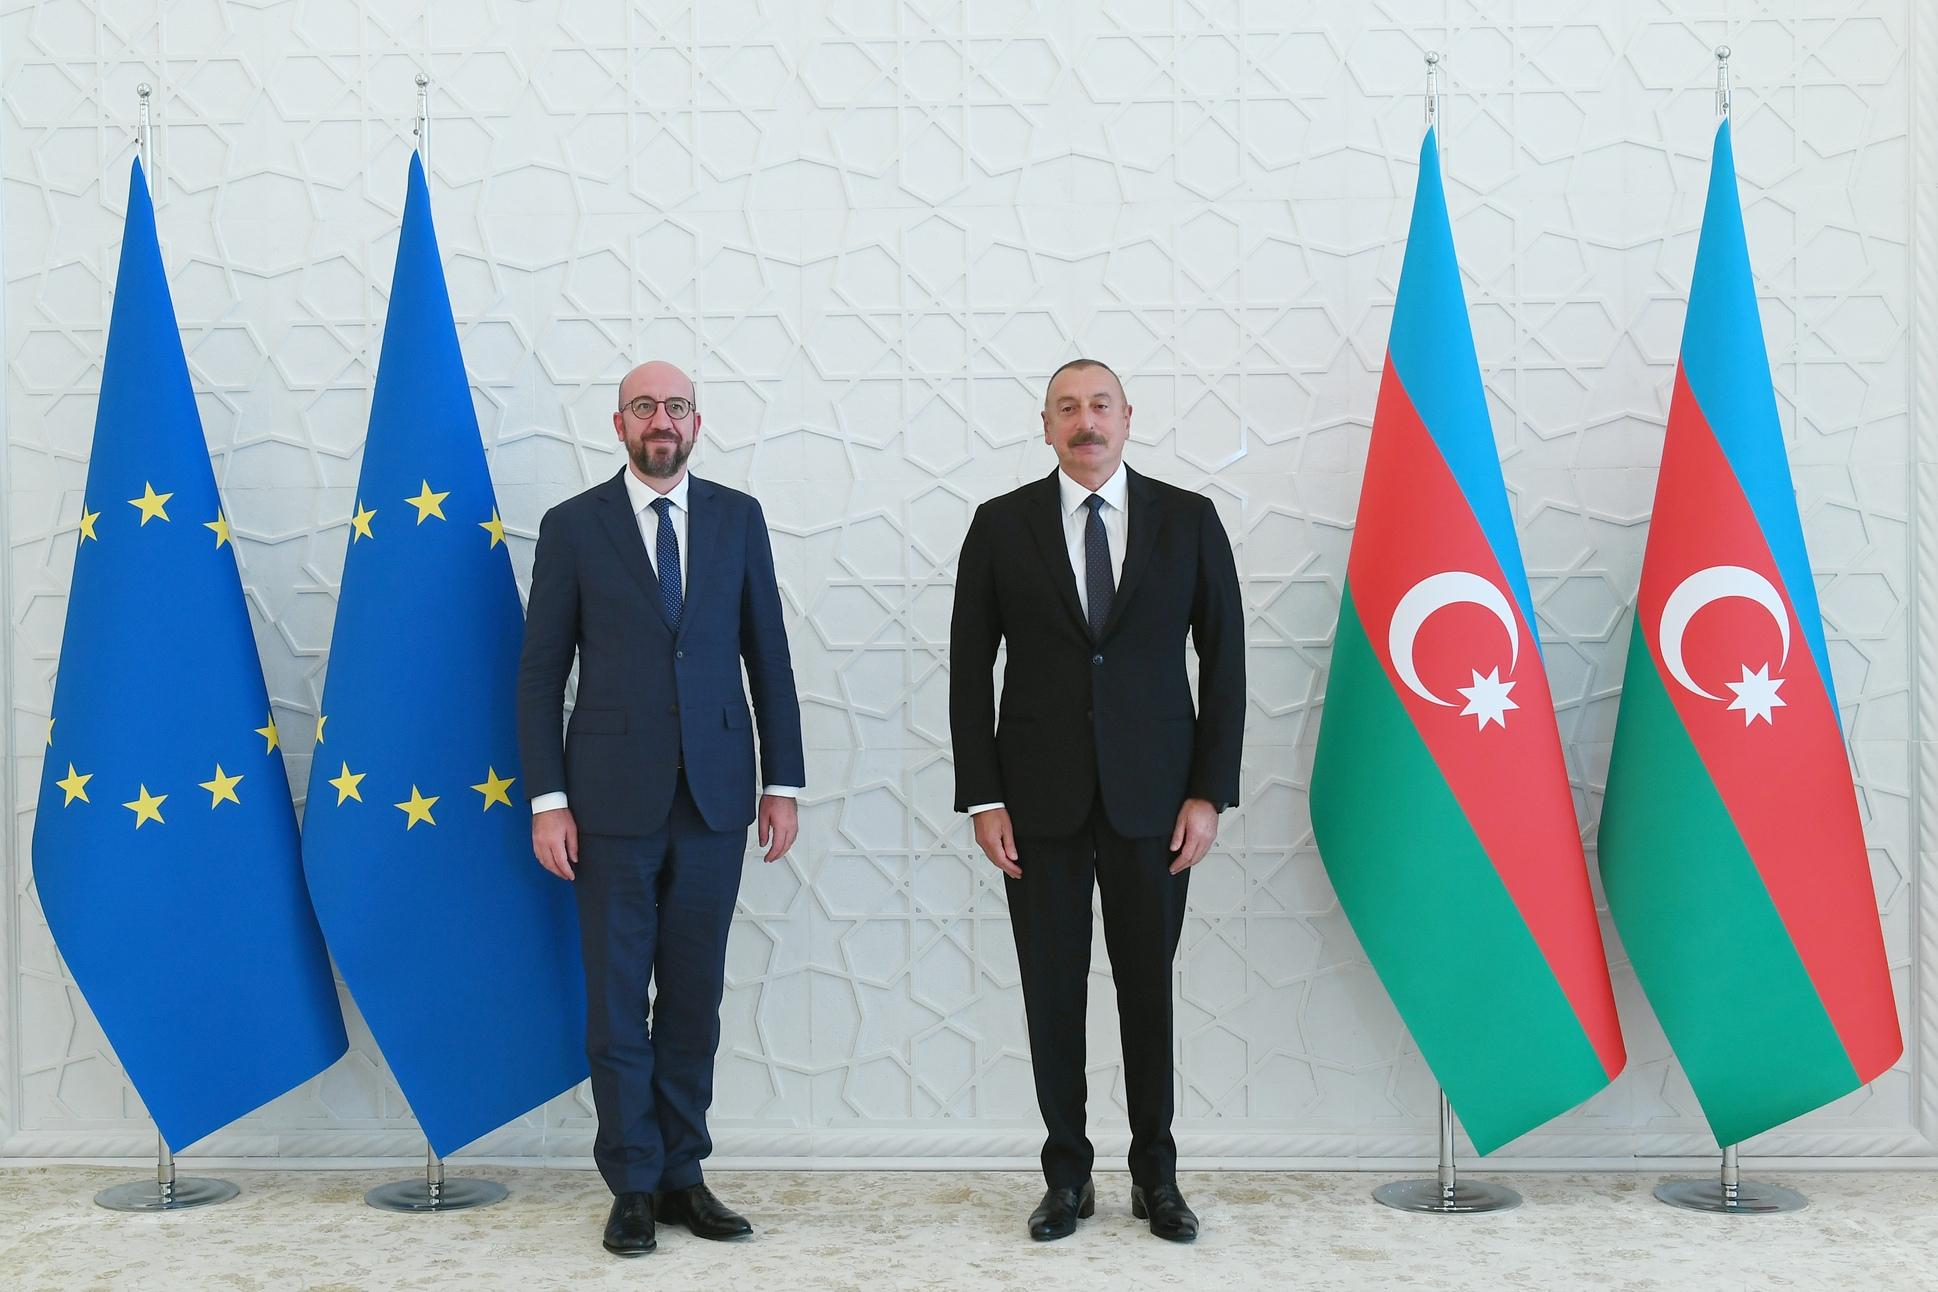 Avropa İttifaqı ilə Azərbaycan arasında əməkdaşlığın strateji istiqamətləri